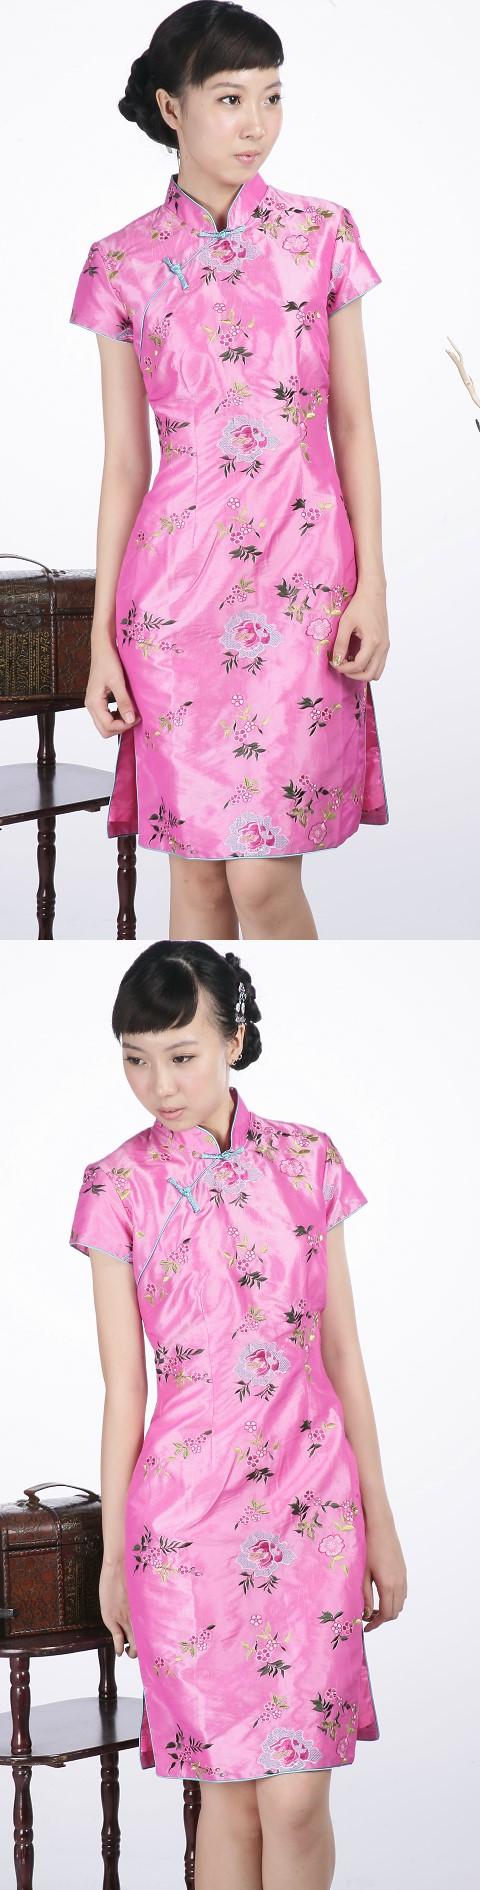 繡花短袖中旗袍(粉紅)